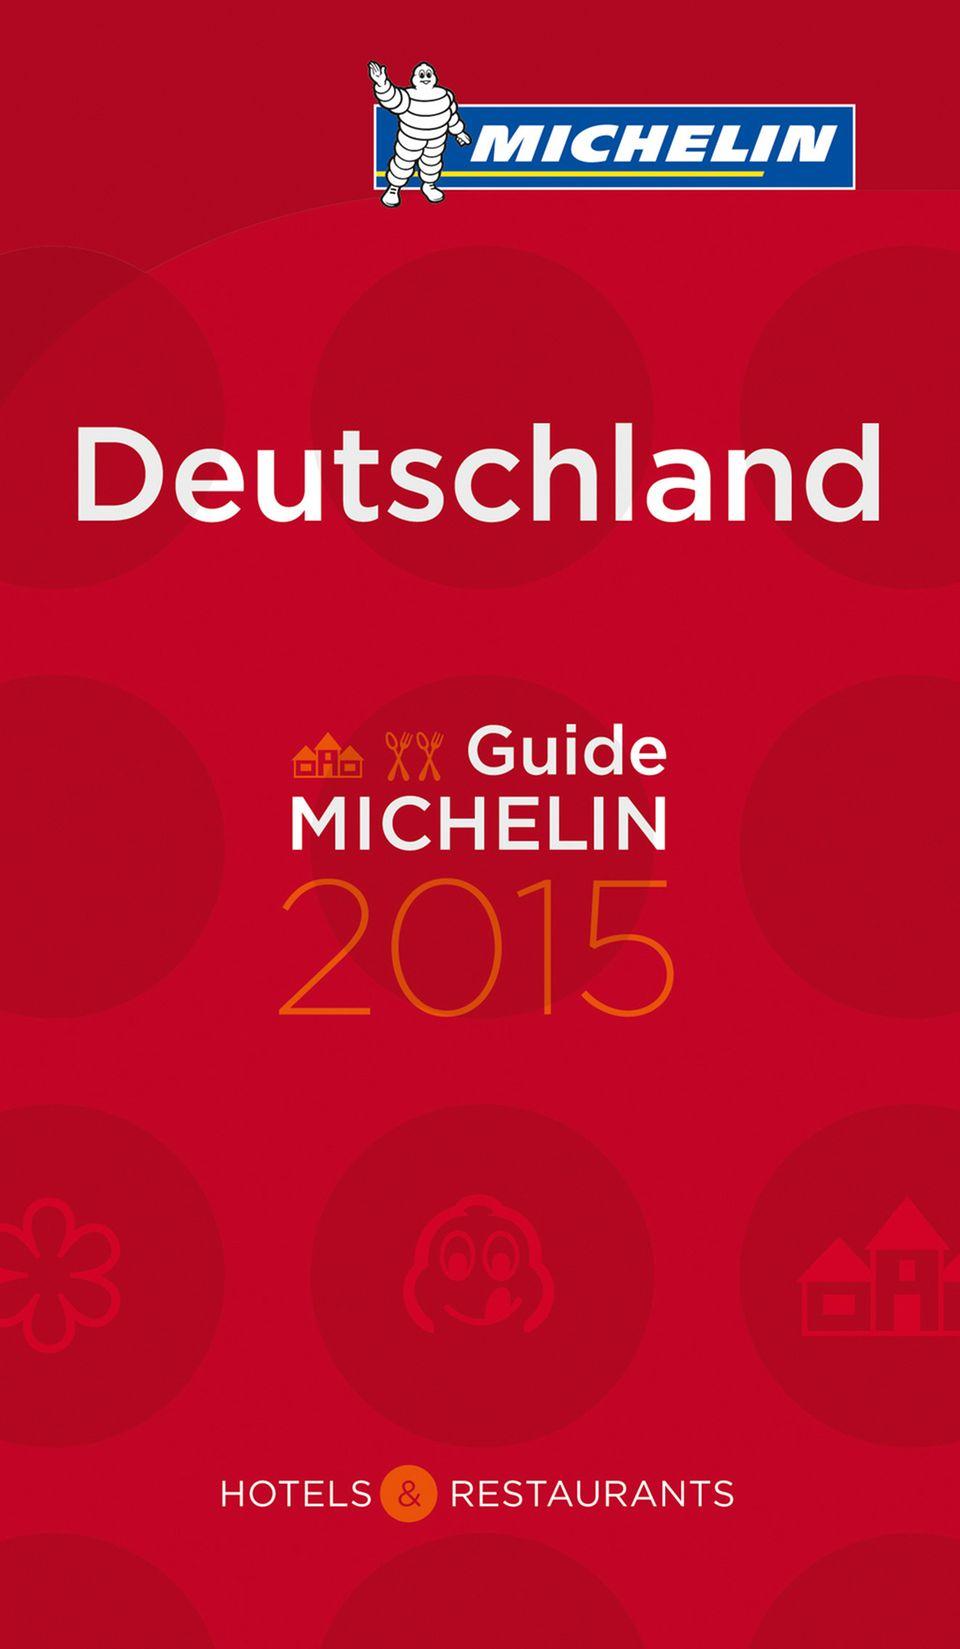 Guide Michelin Deutschland 2015